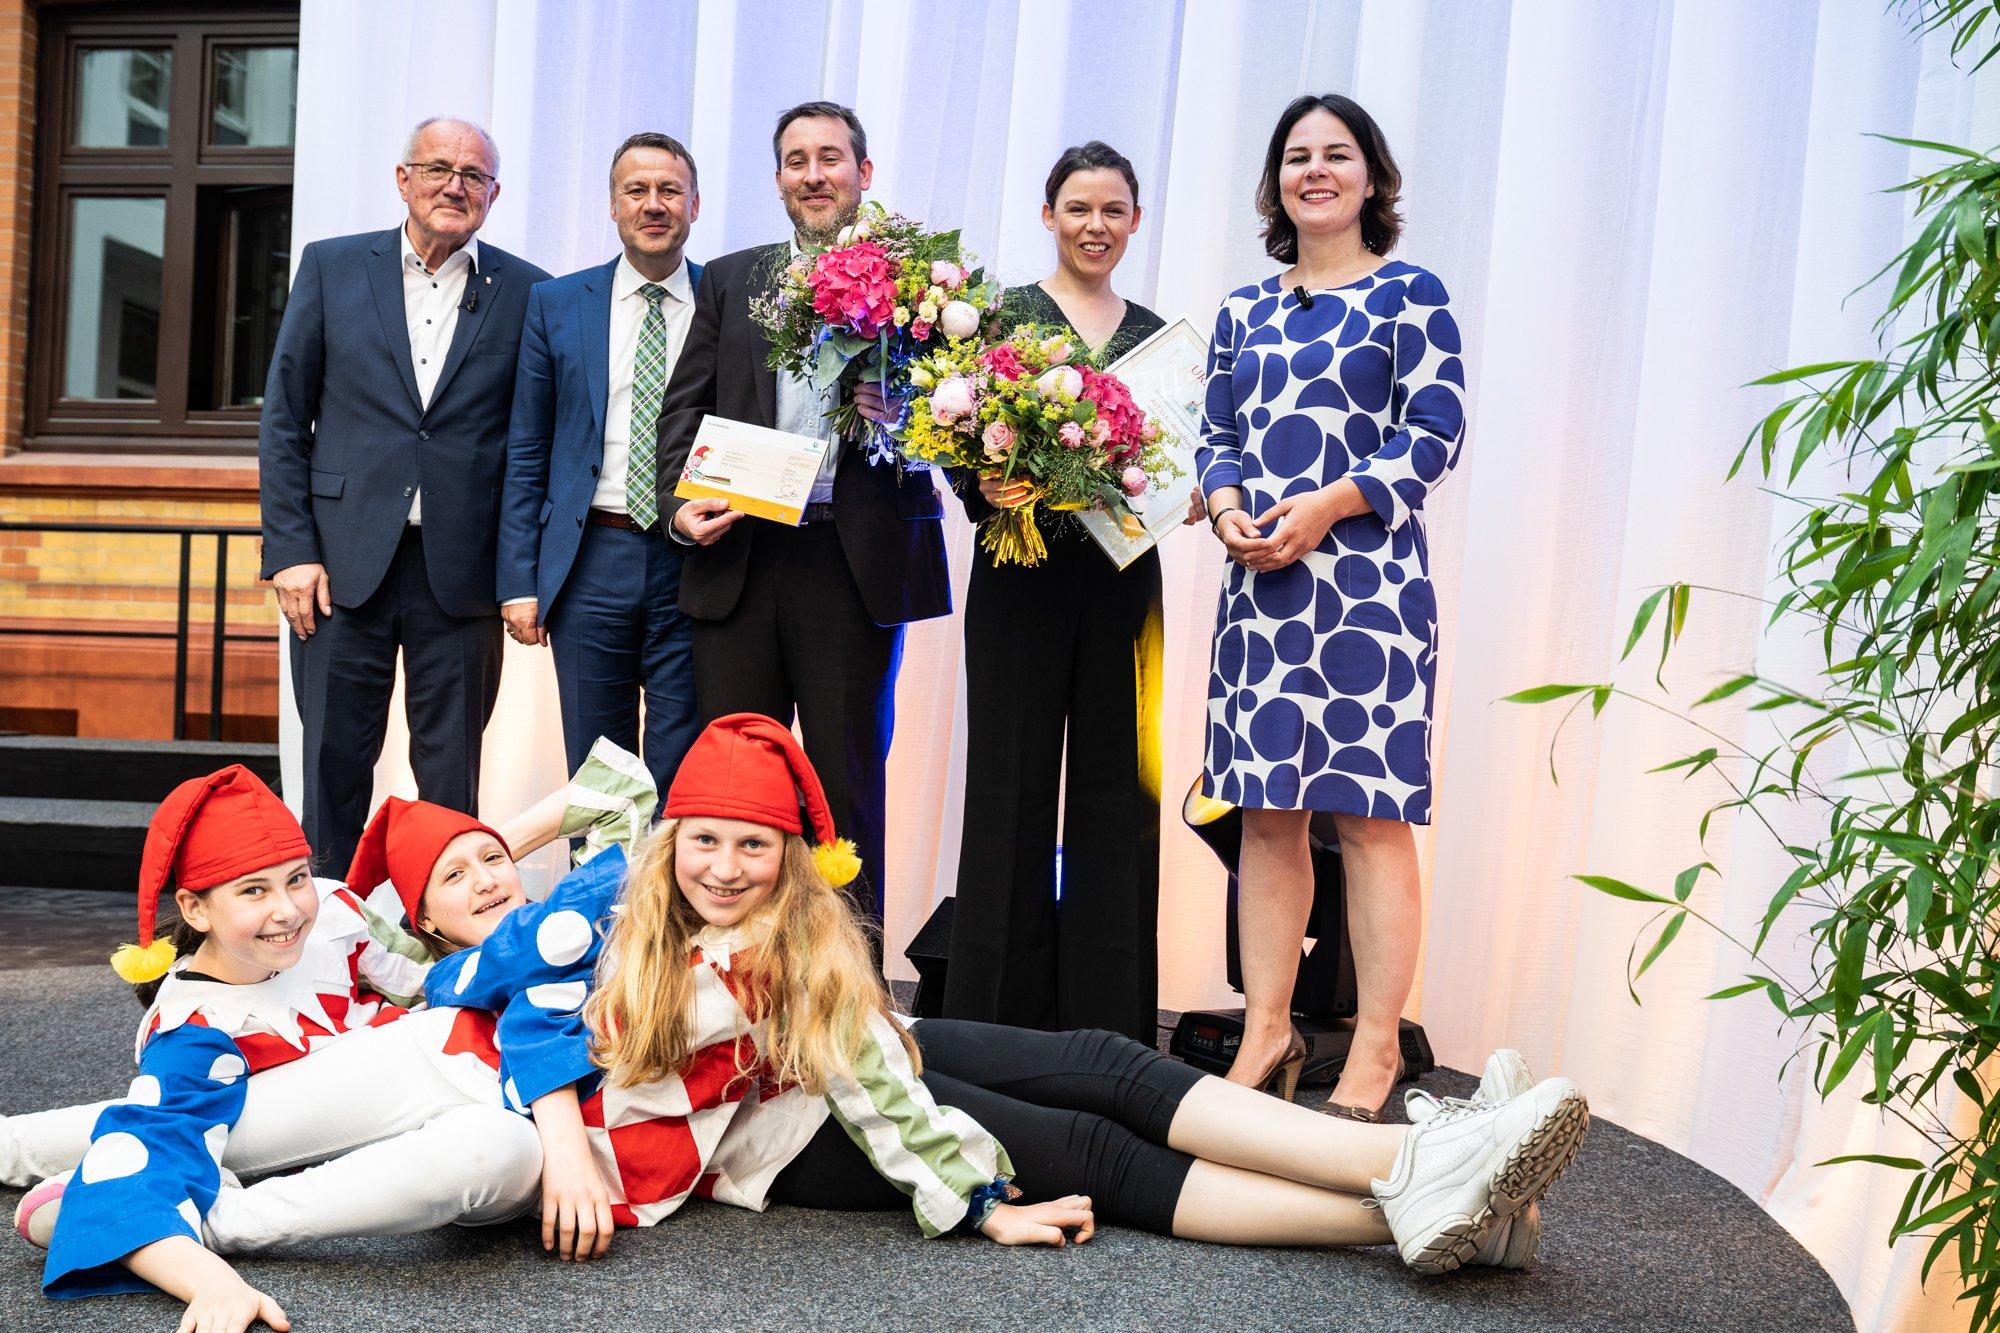 38. Kinderschutzpreis-Verleihung, HanseMerkur Versicherung, Hamburg den 20.6.2019